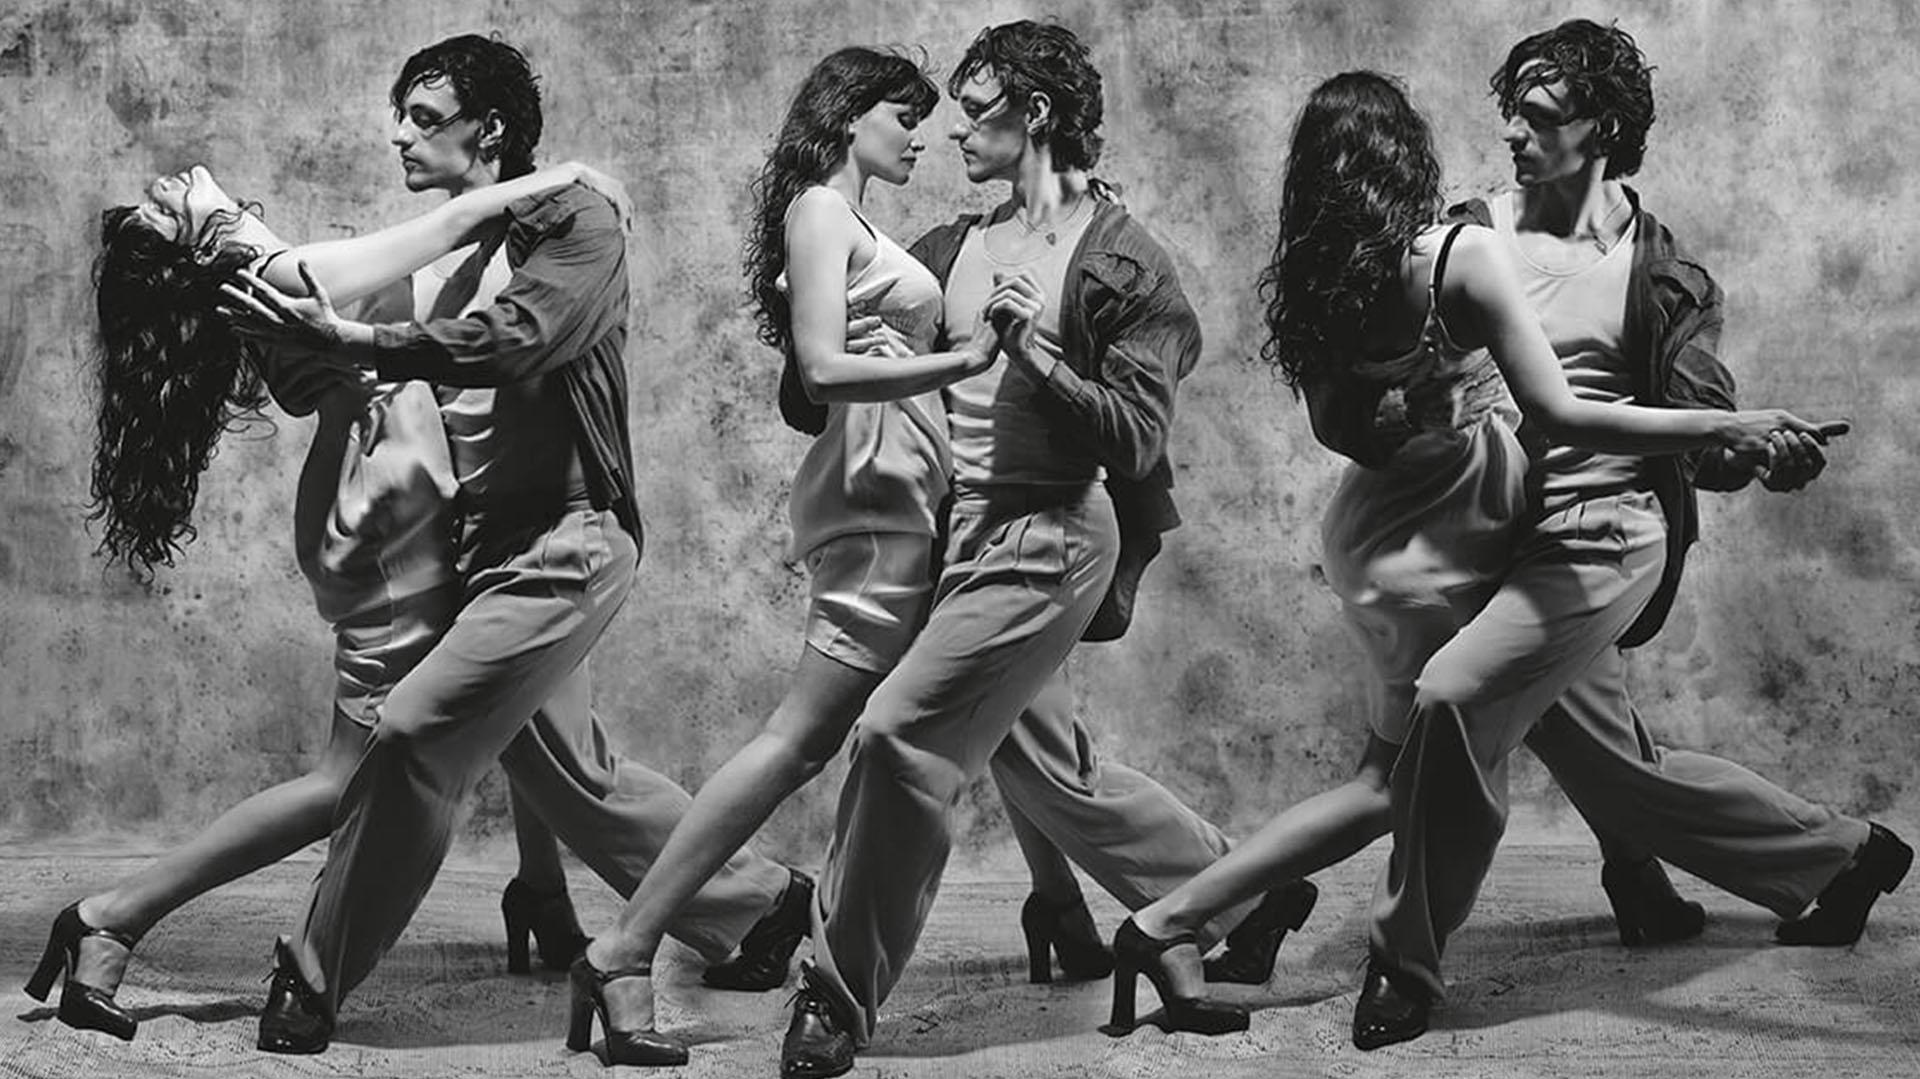 La actriz y modelo italiana Laetitia Casta interpreta a una pintora que vive con su pareja, el bailarín ucraniano Sergei Polunin